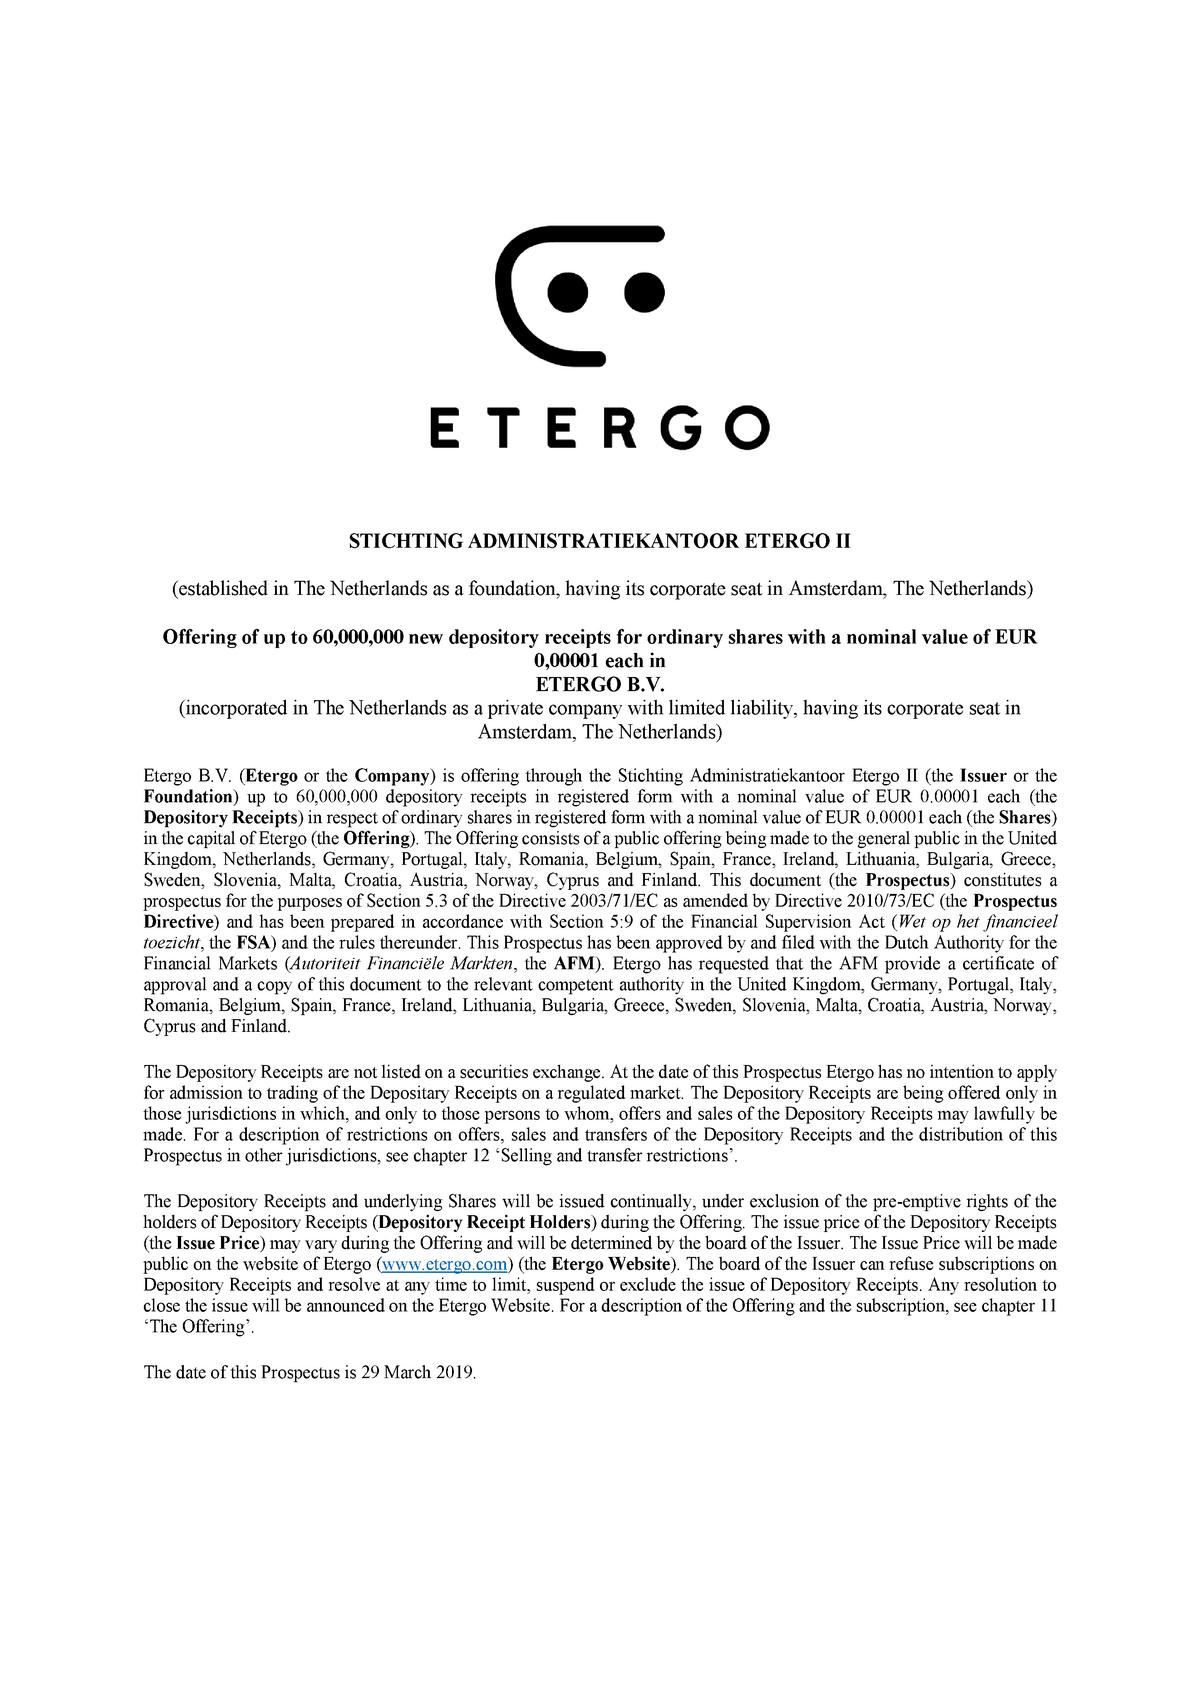 Etergo Prospectus - 29 March 2019 - BBSSBSK - LSBU - StuDocu